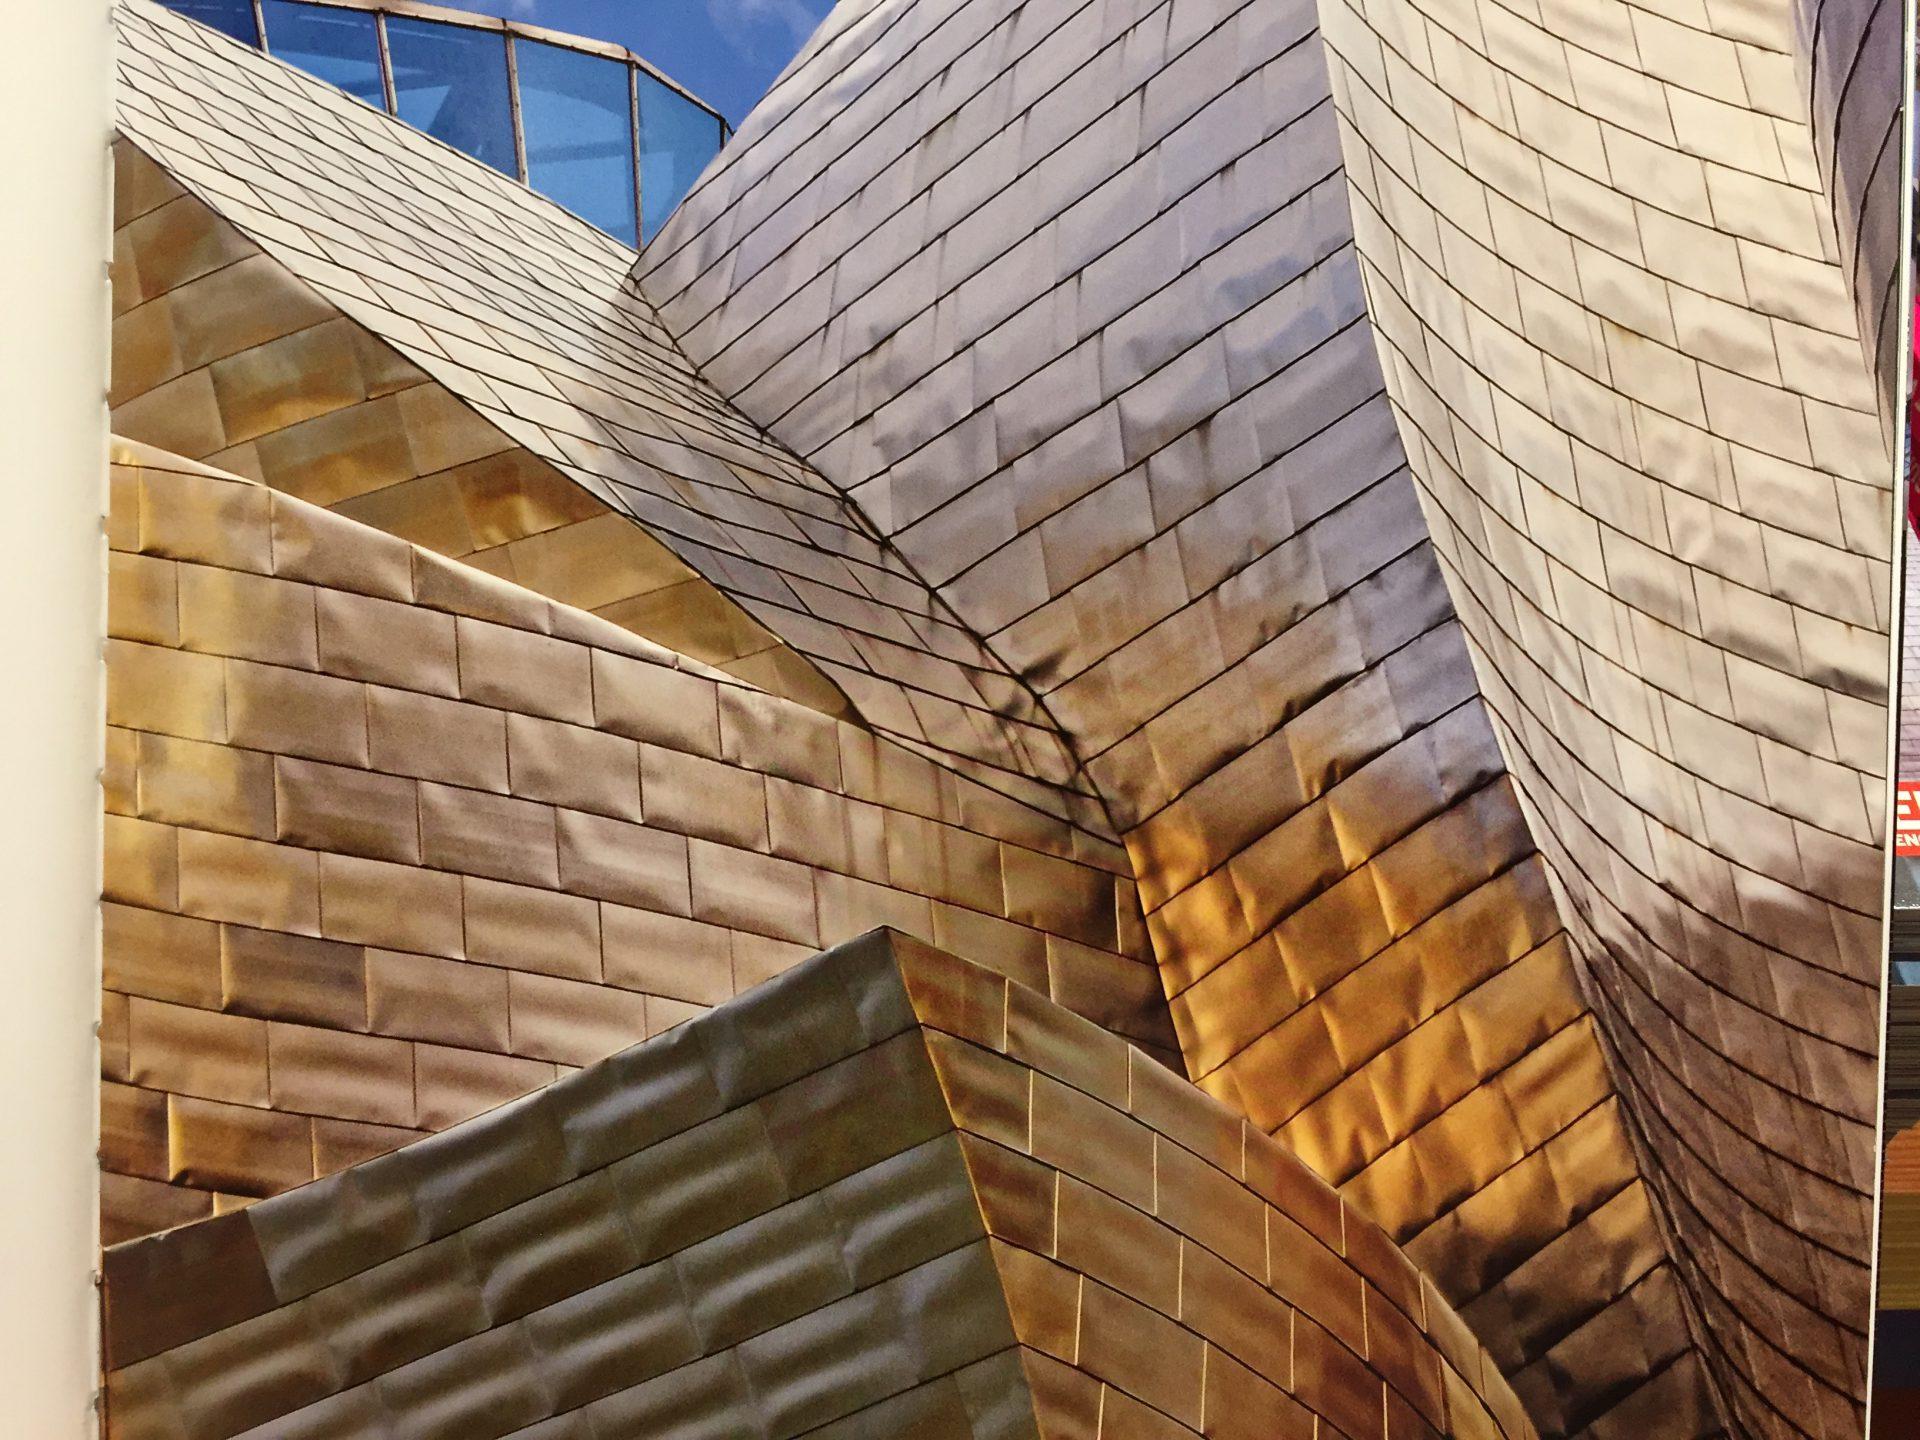 Die faszinierende Architektur des Guggenheim Museum in Bilbao